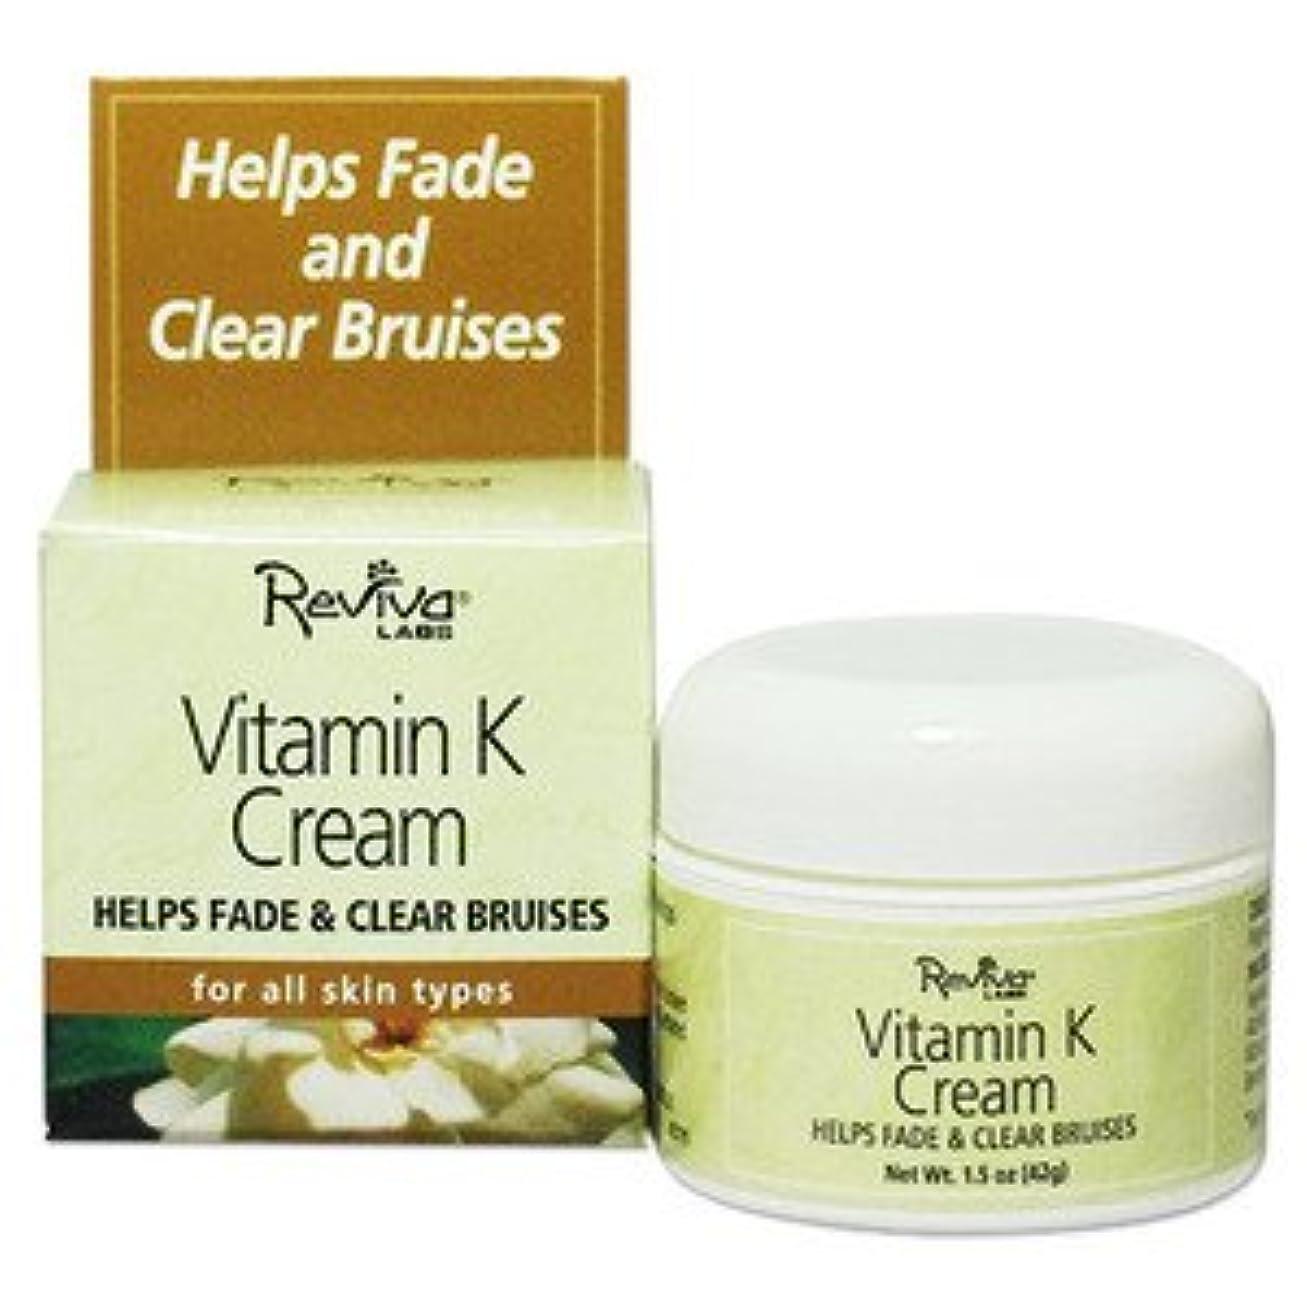 呼ぶ発信未亡人Reviva Labs レビバ社 Vitamin K Cream  (42 g)  ビタミンK クリーム 海外直送品